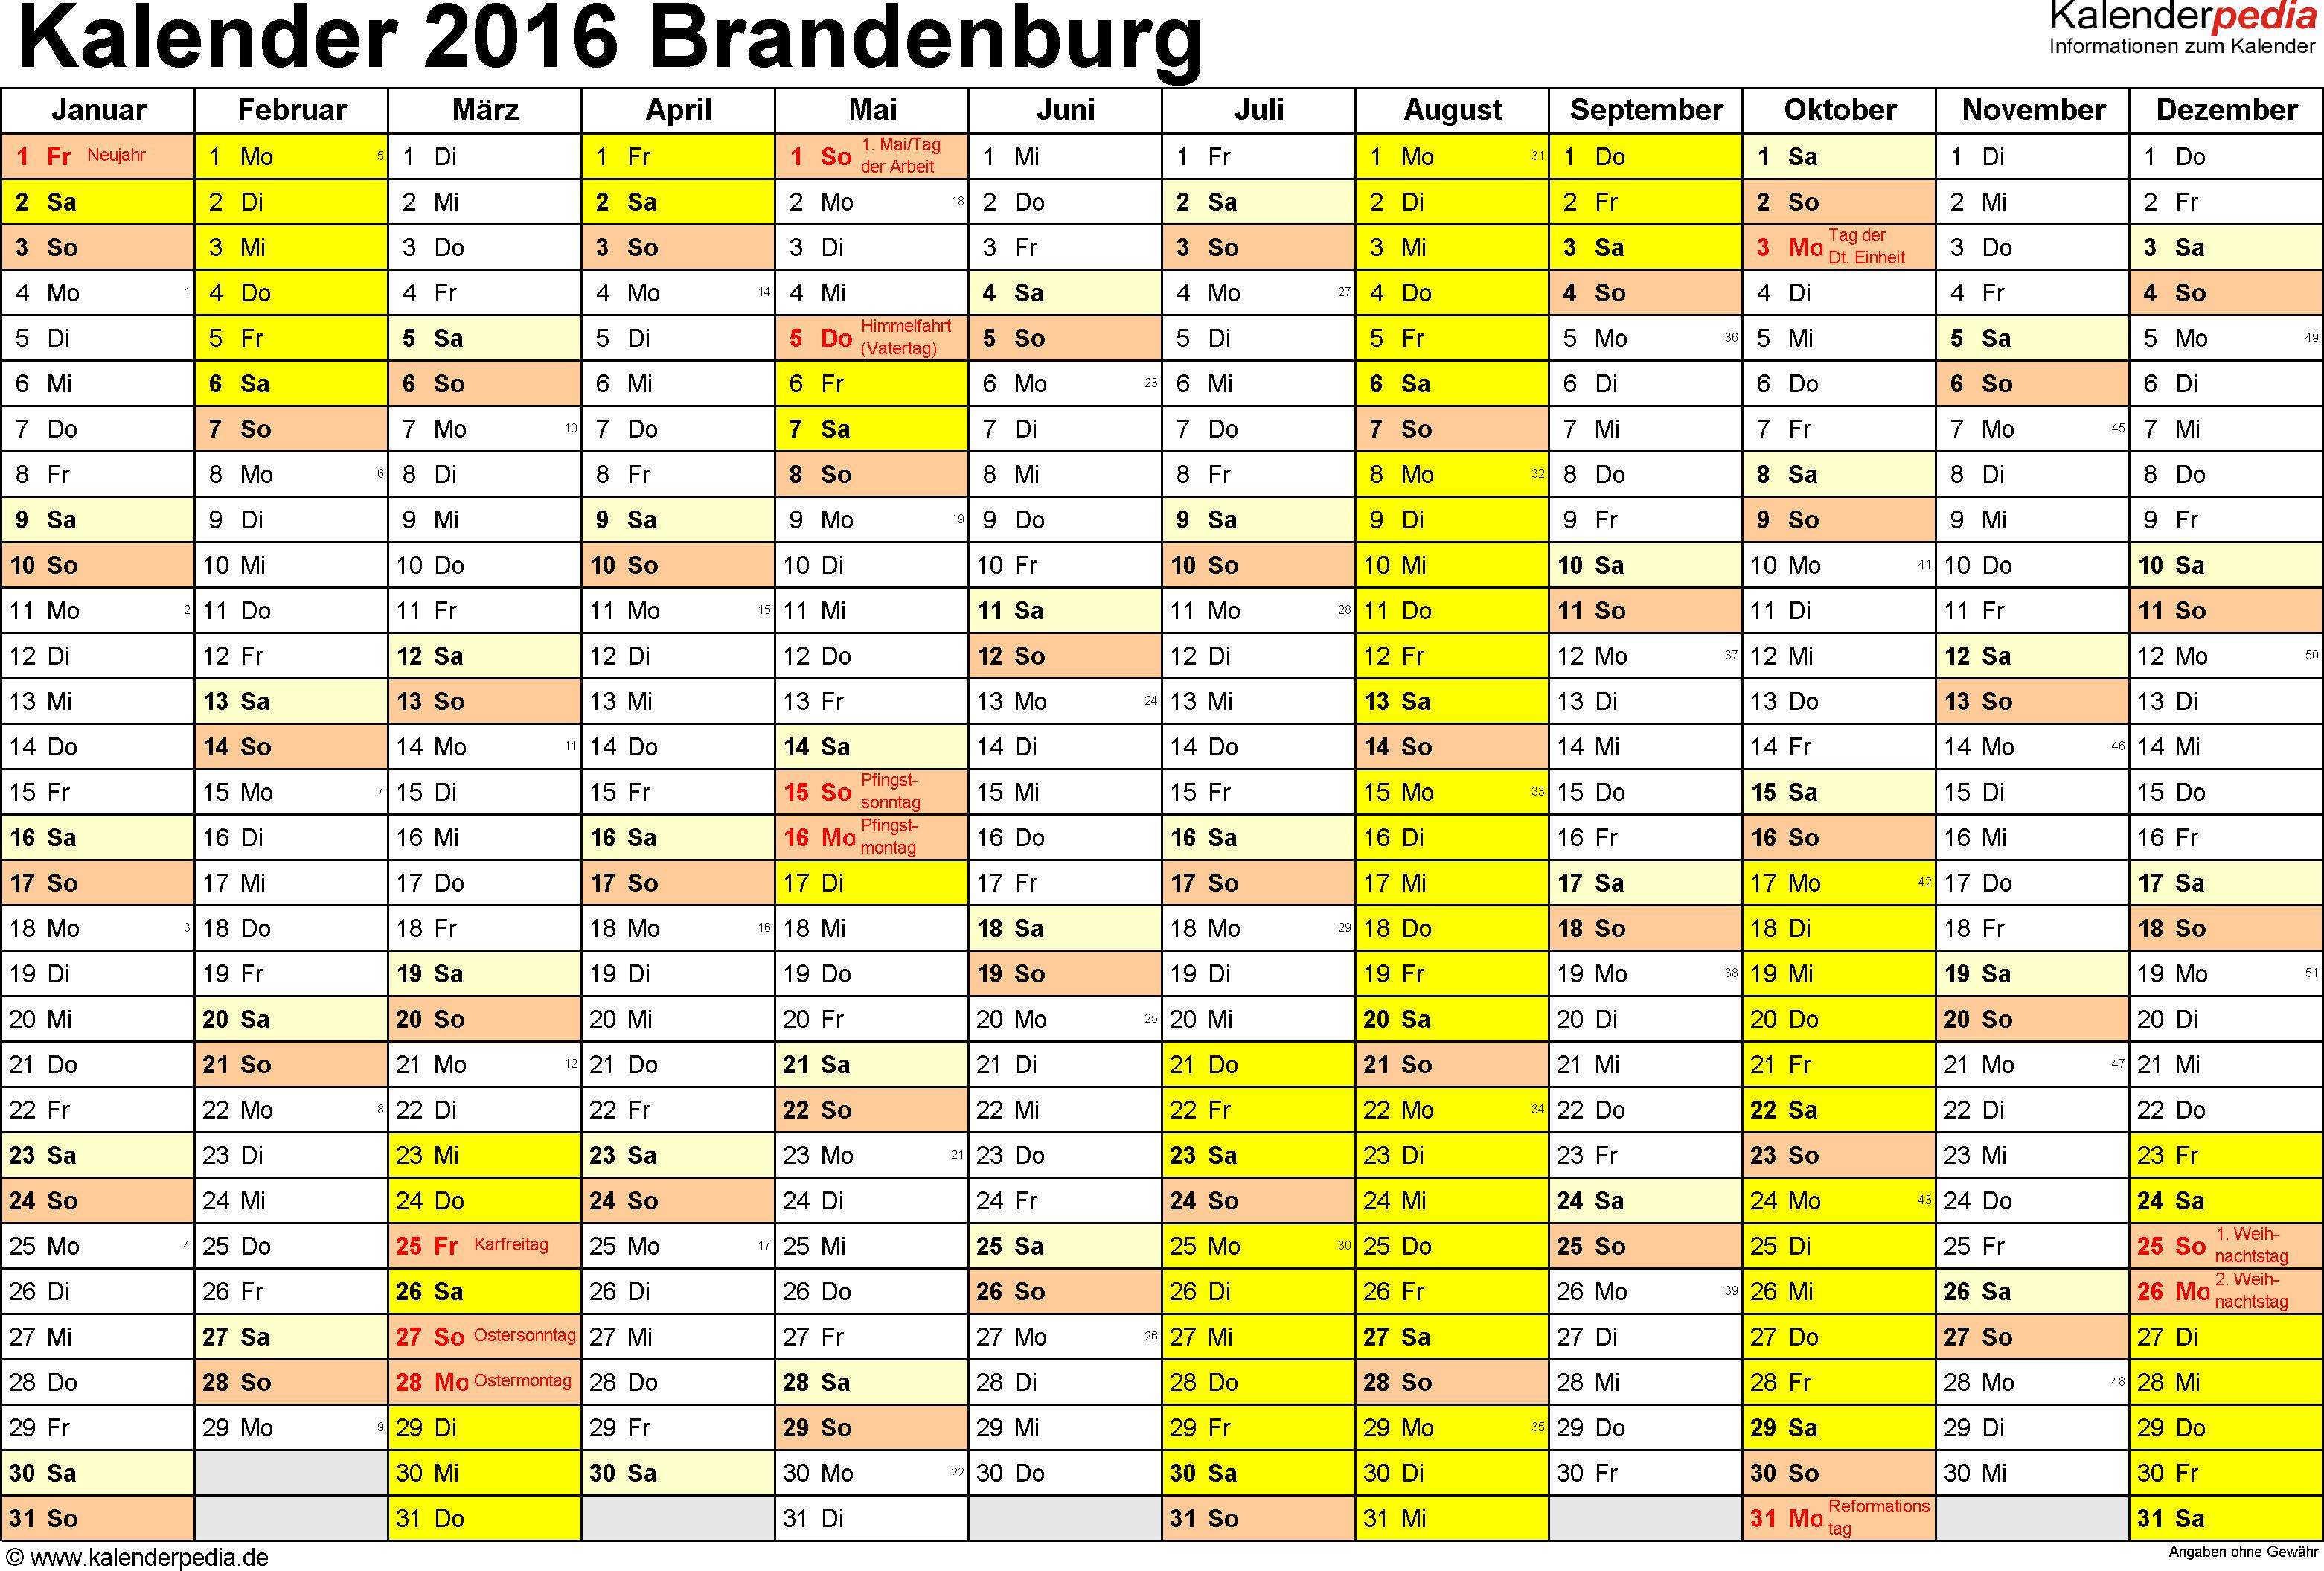 Vorlage 1: Kalender 2016 für Brandenburg als Excel-Vorlagen (Querformat, 1 Seite)